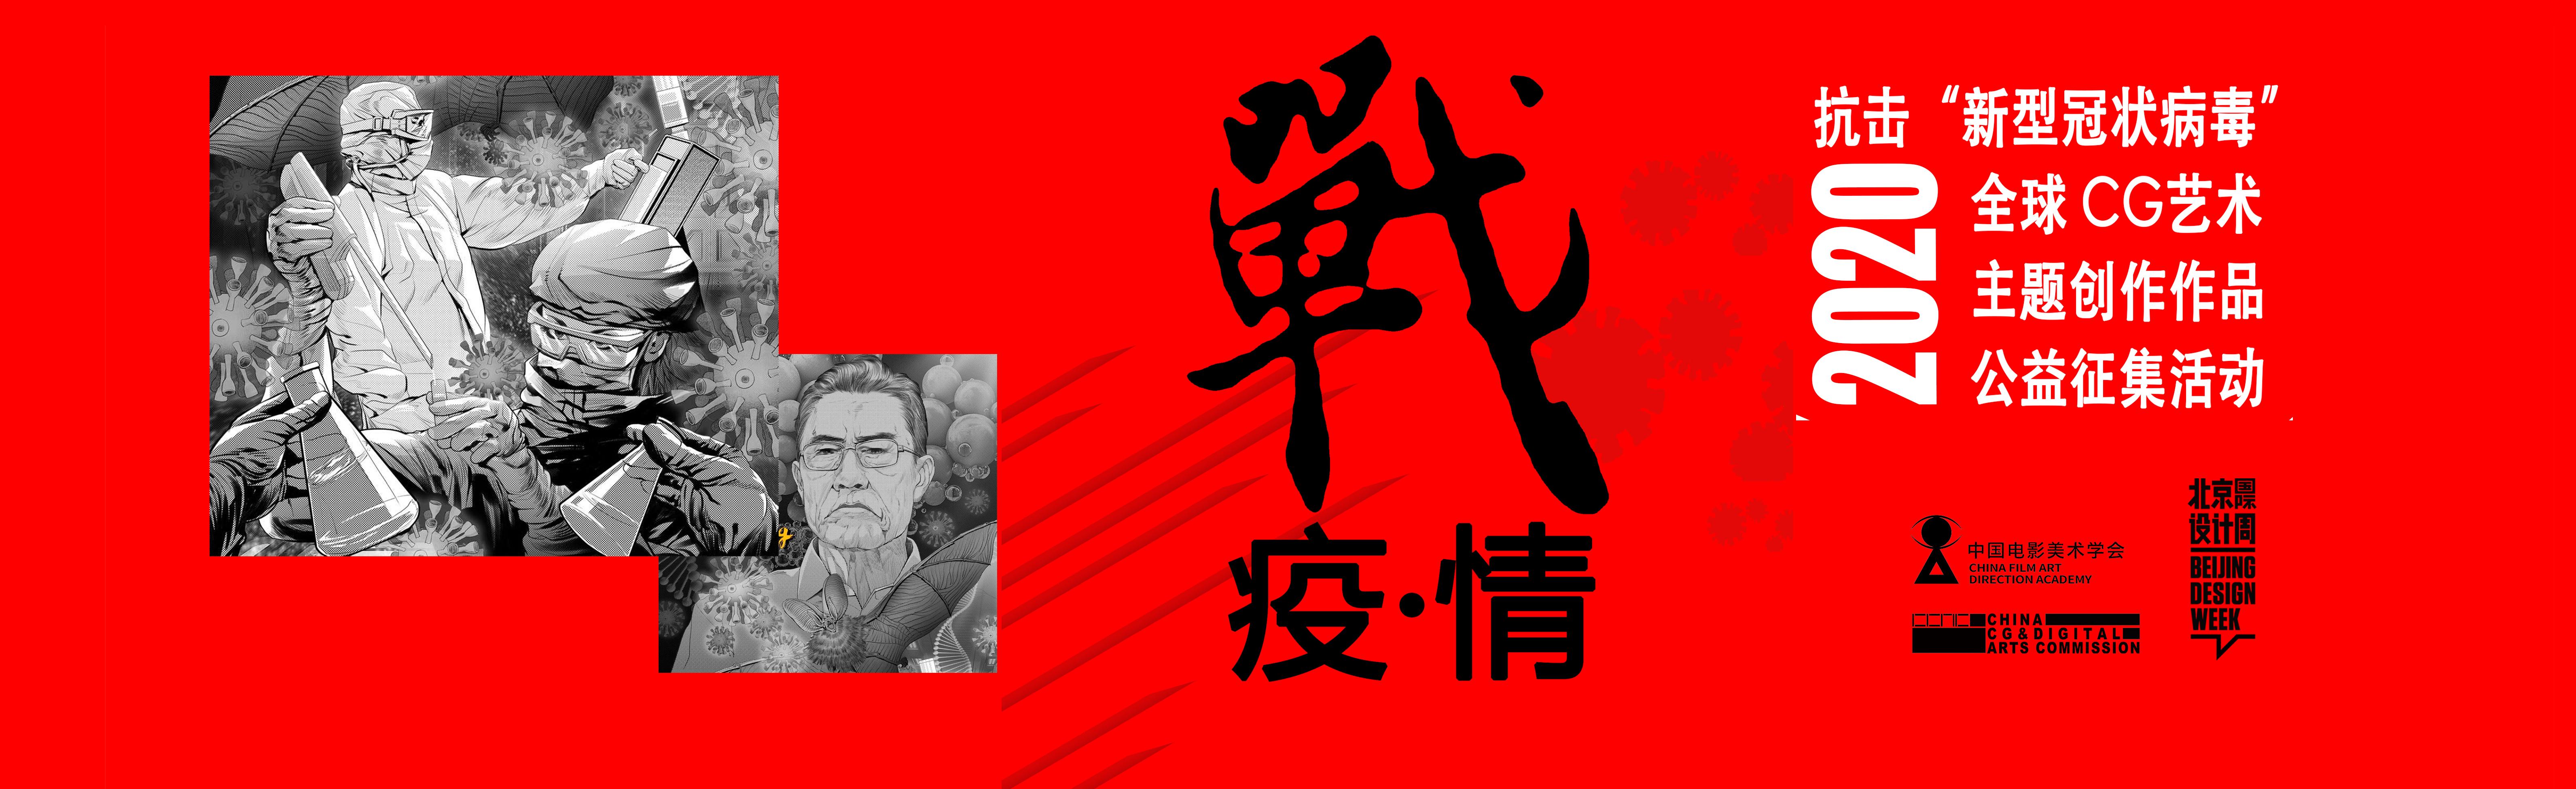 战·疫·情−为中国加油!为武汉加油!全球CG艺术主题创作作品公益征集活动